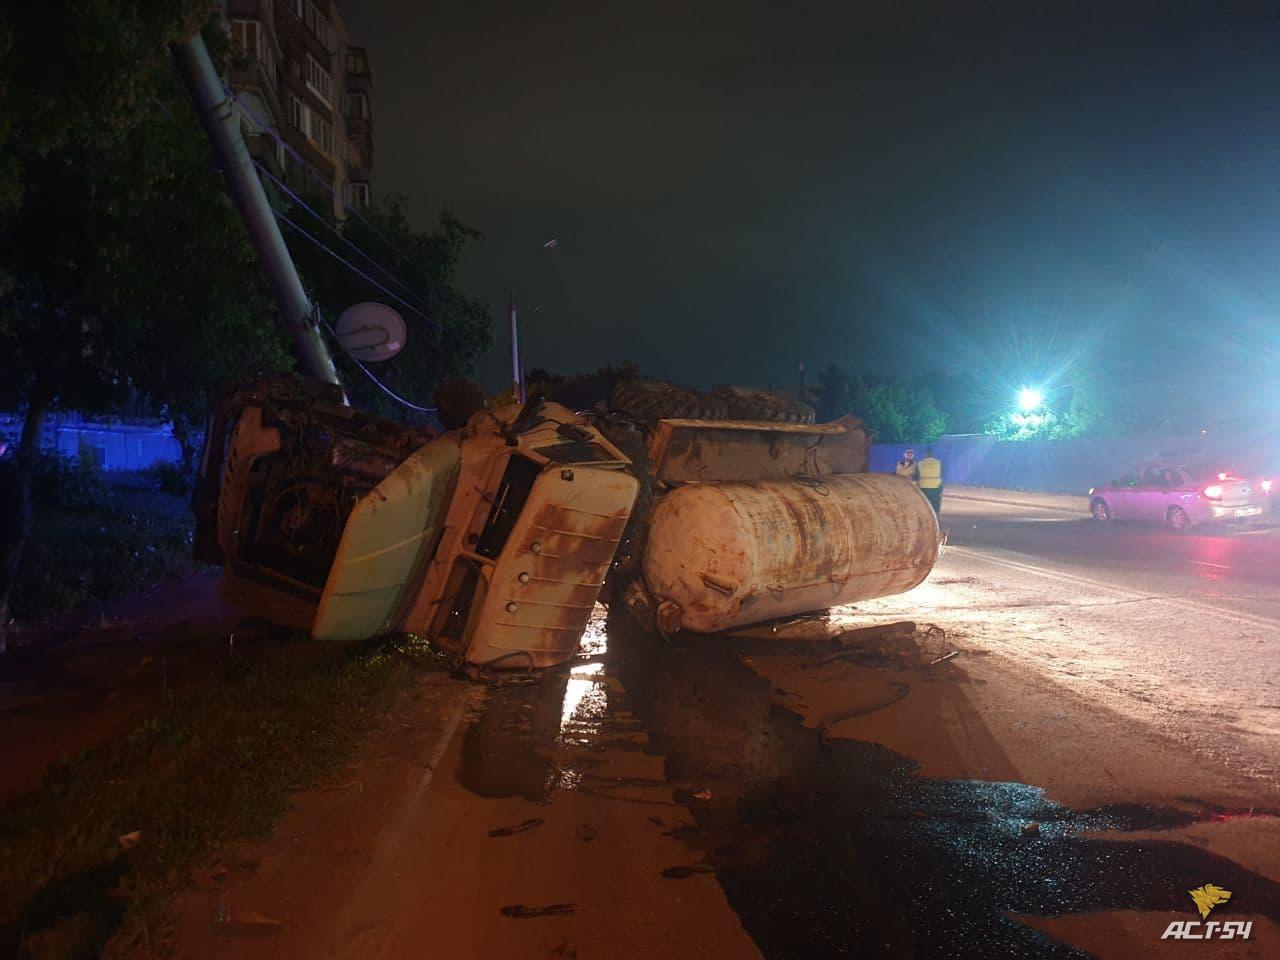 фото Ассенизаторская машина перевернулась ночью в Новосибирске 2